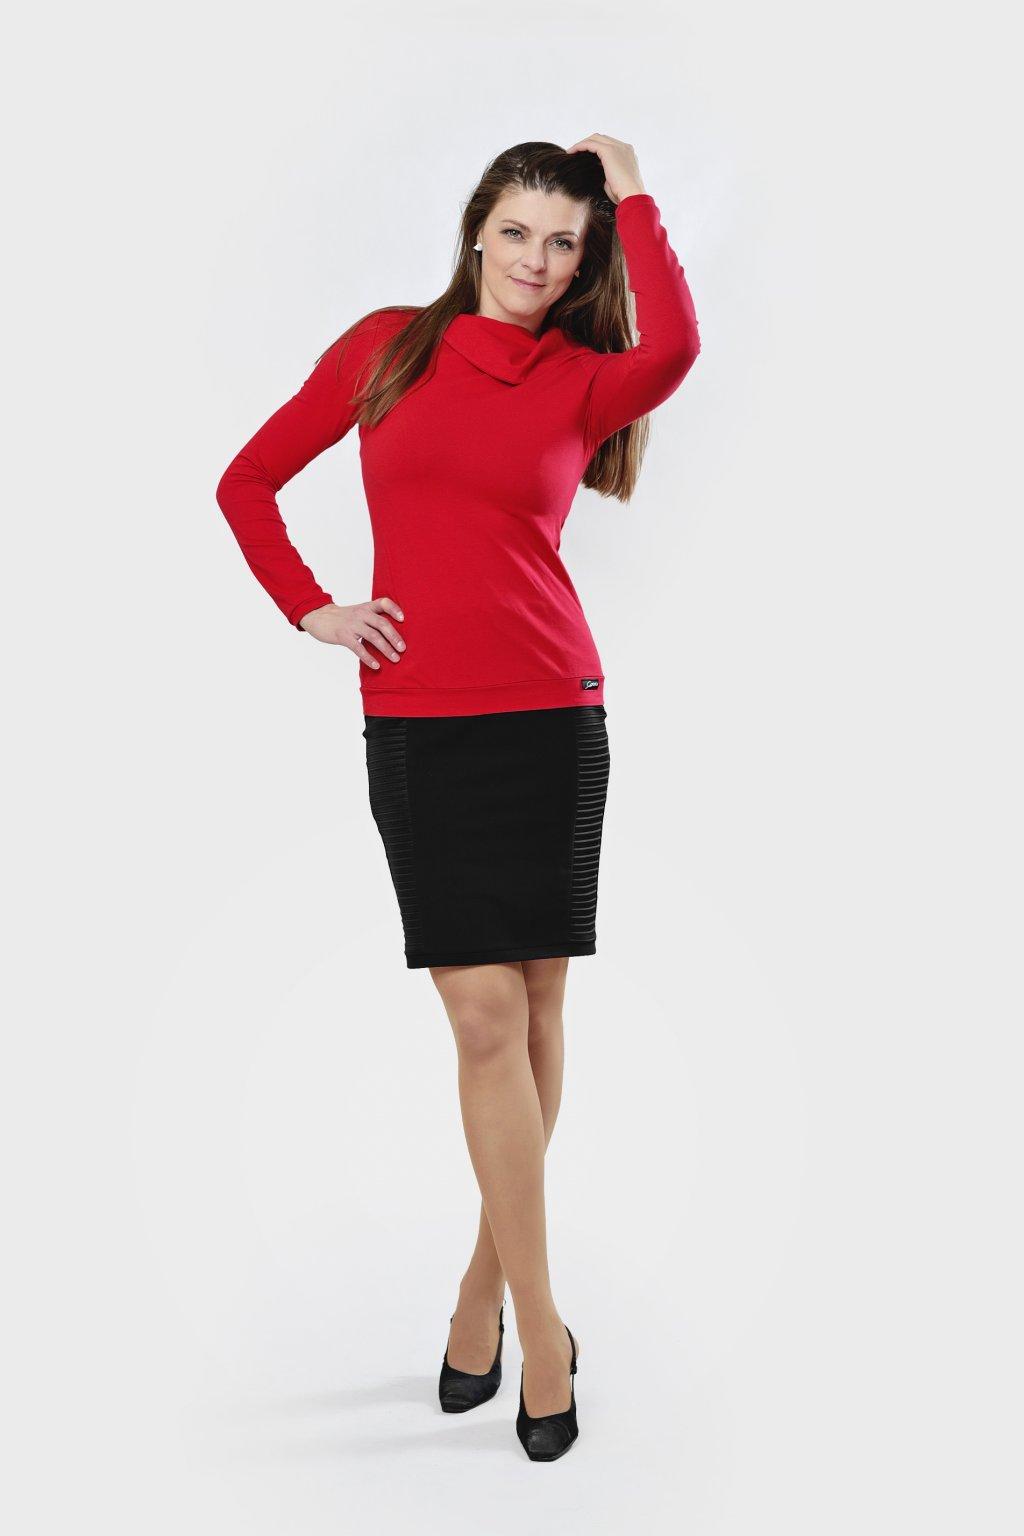 Dámské triko Zůza červená s dlouhým rukávem velký límec z bavlny Goci